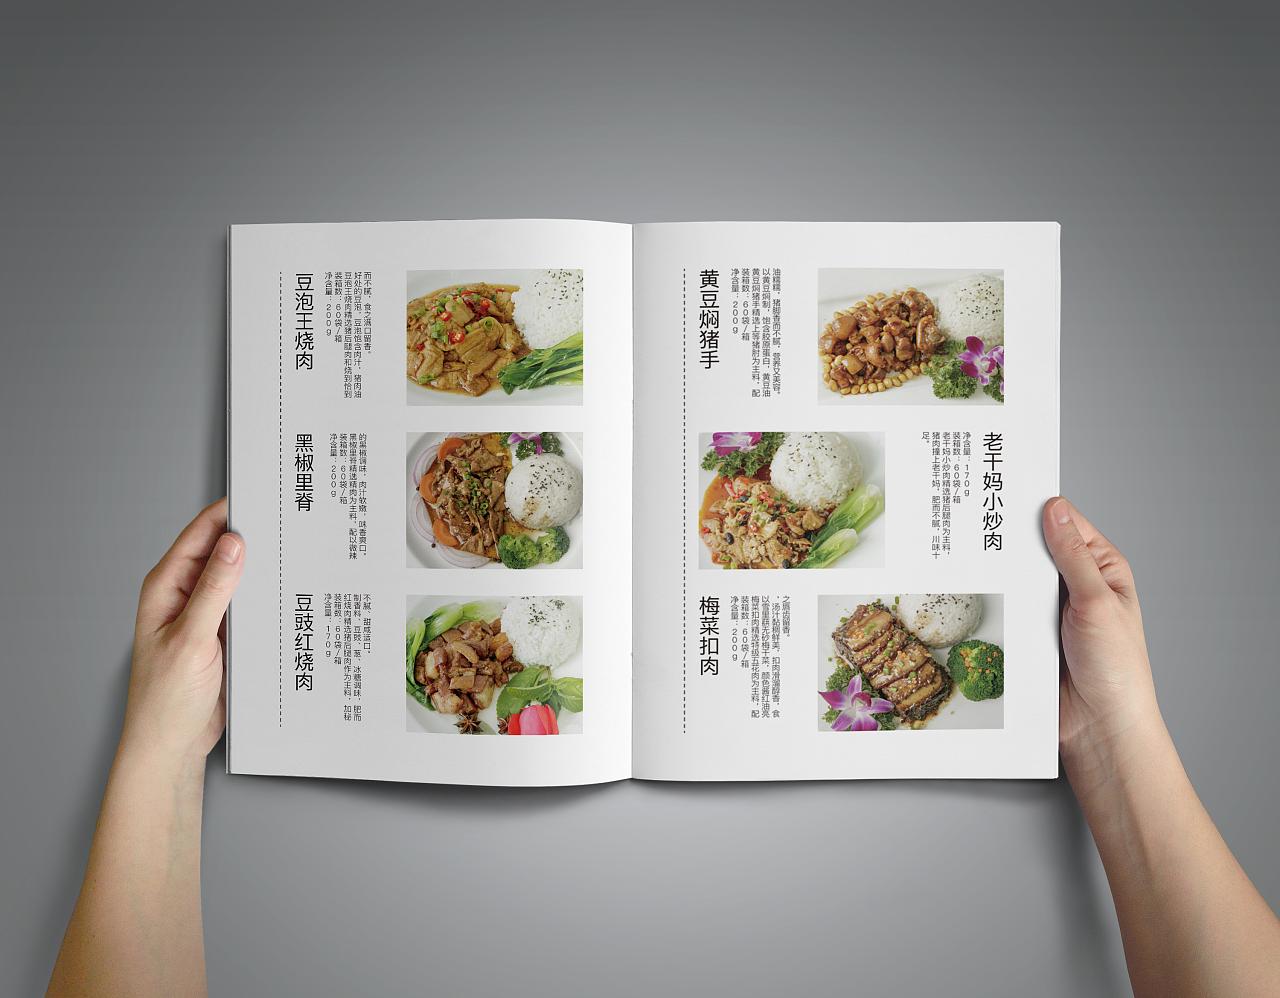 美食画册设计排版长沙著名图片美食图片